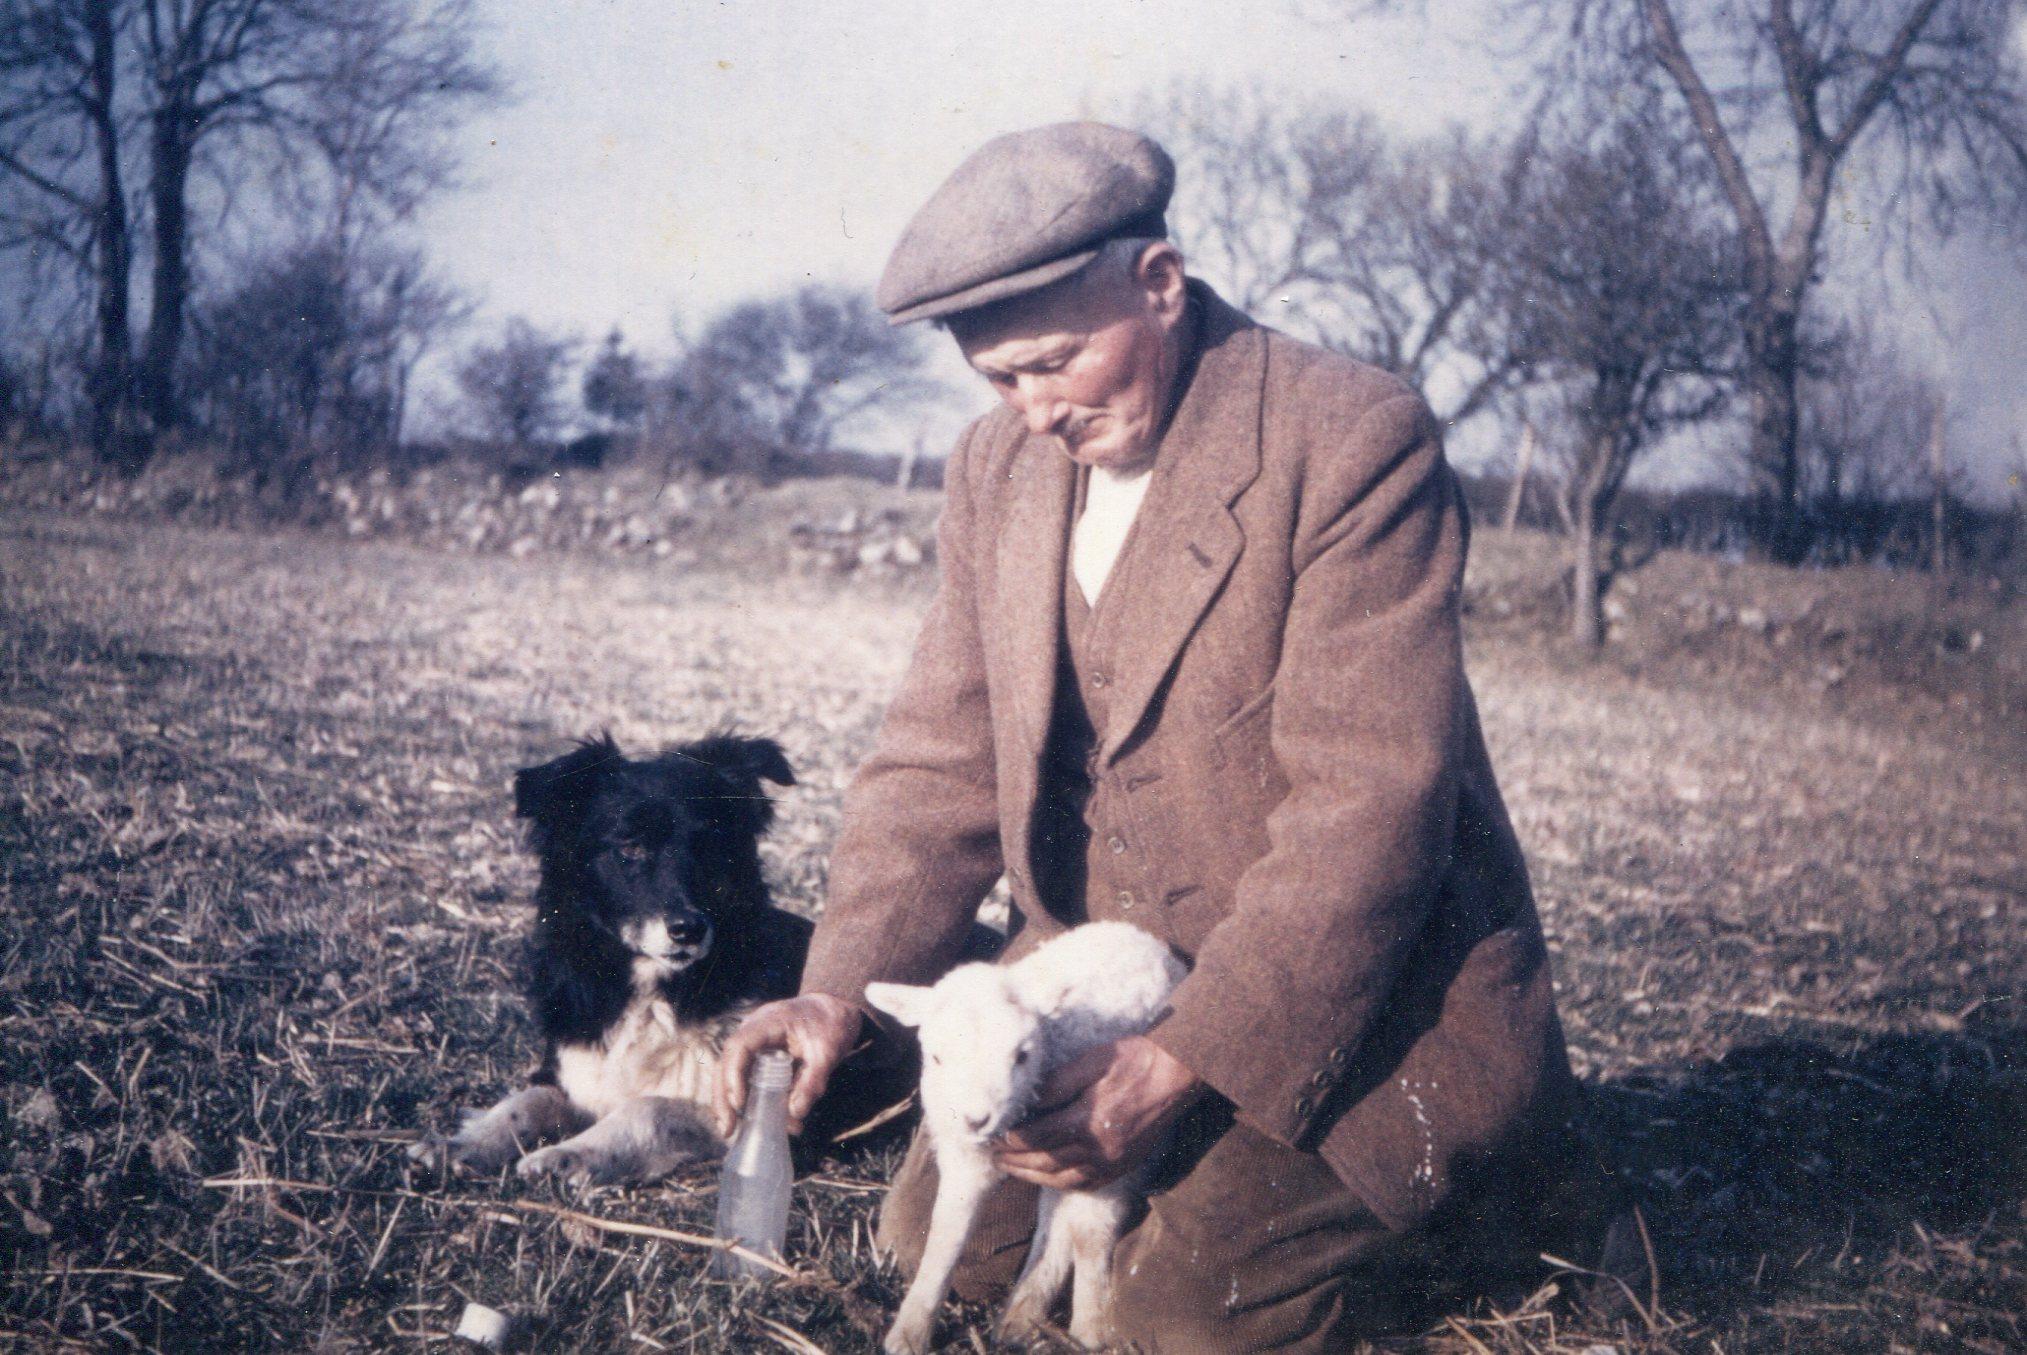 Shepherd with lamb and dog